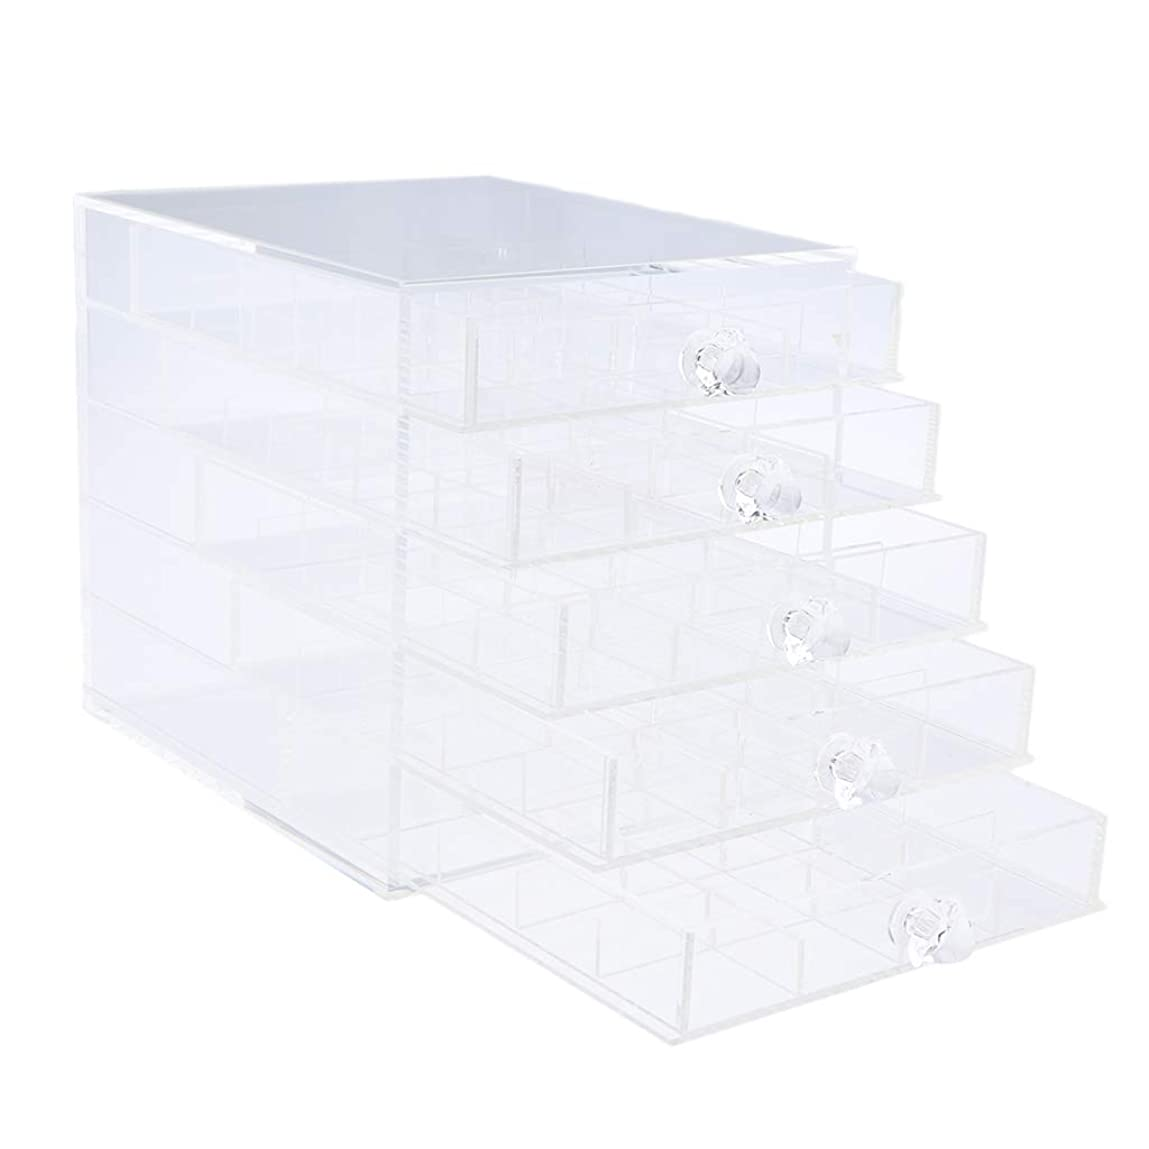 十分社説事業Toygogo ジュエリー収納 ネイルアート 収納ボックス 収納ケース 引き出し スアクリル 透明